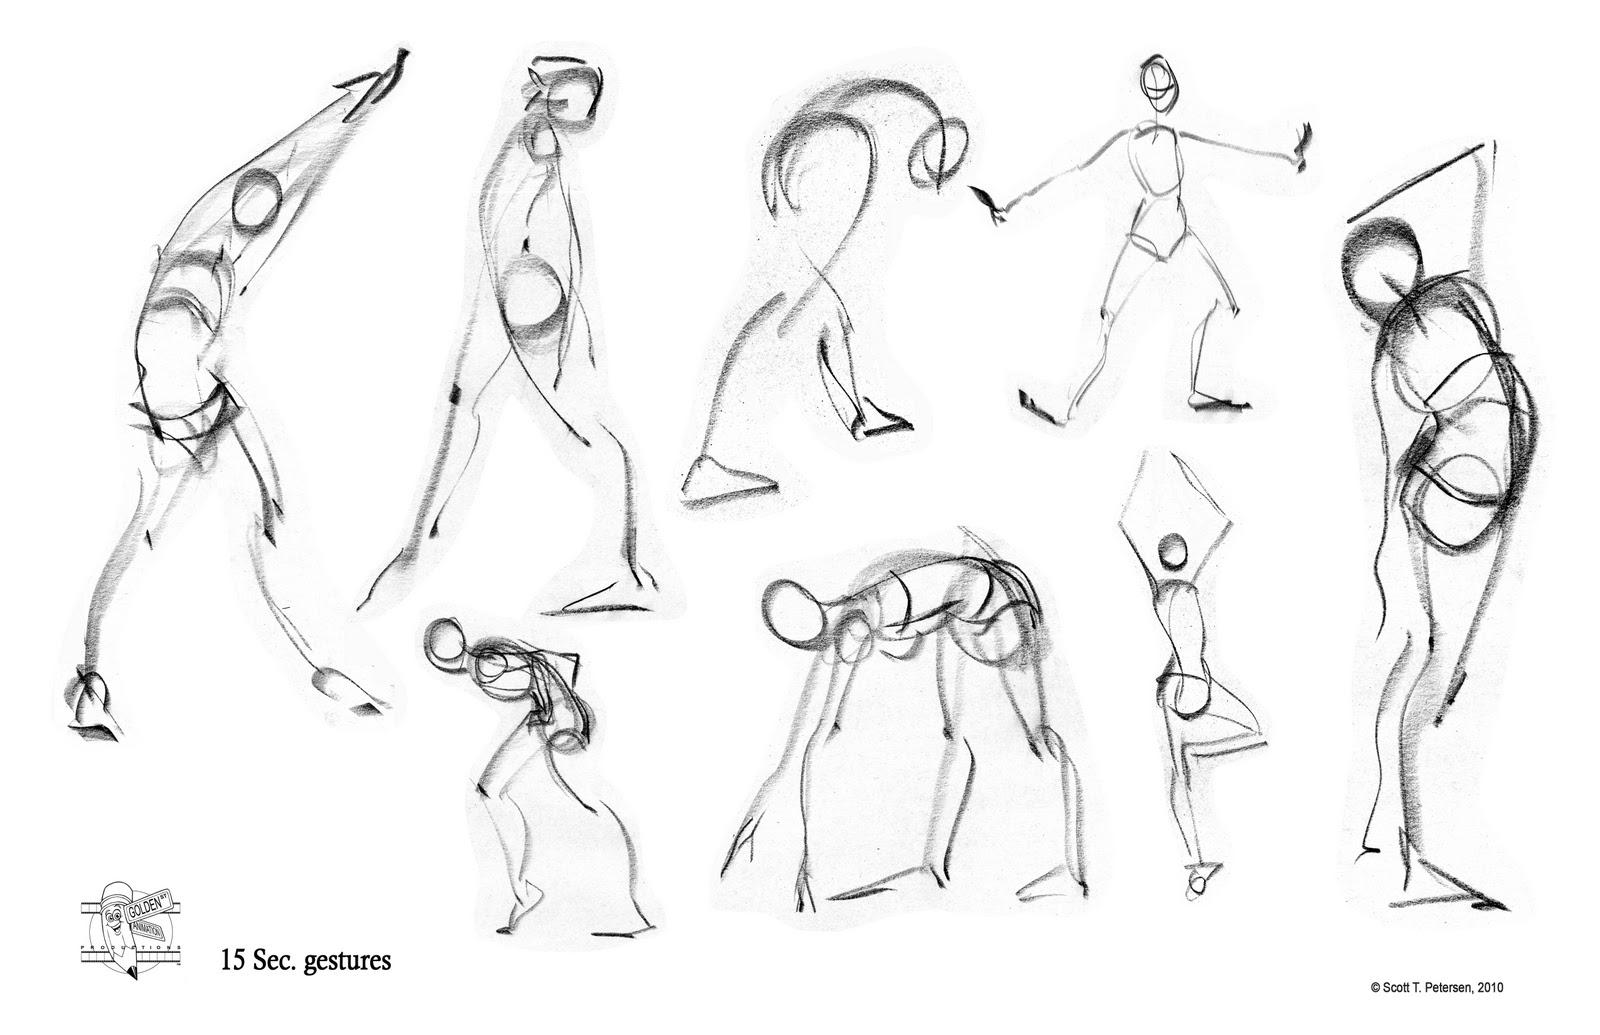 Scott T. Petersen's Figure drawings